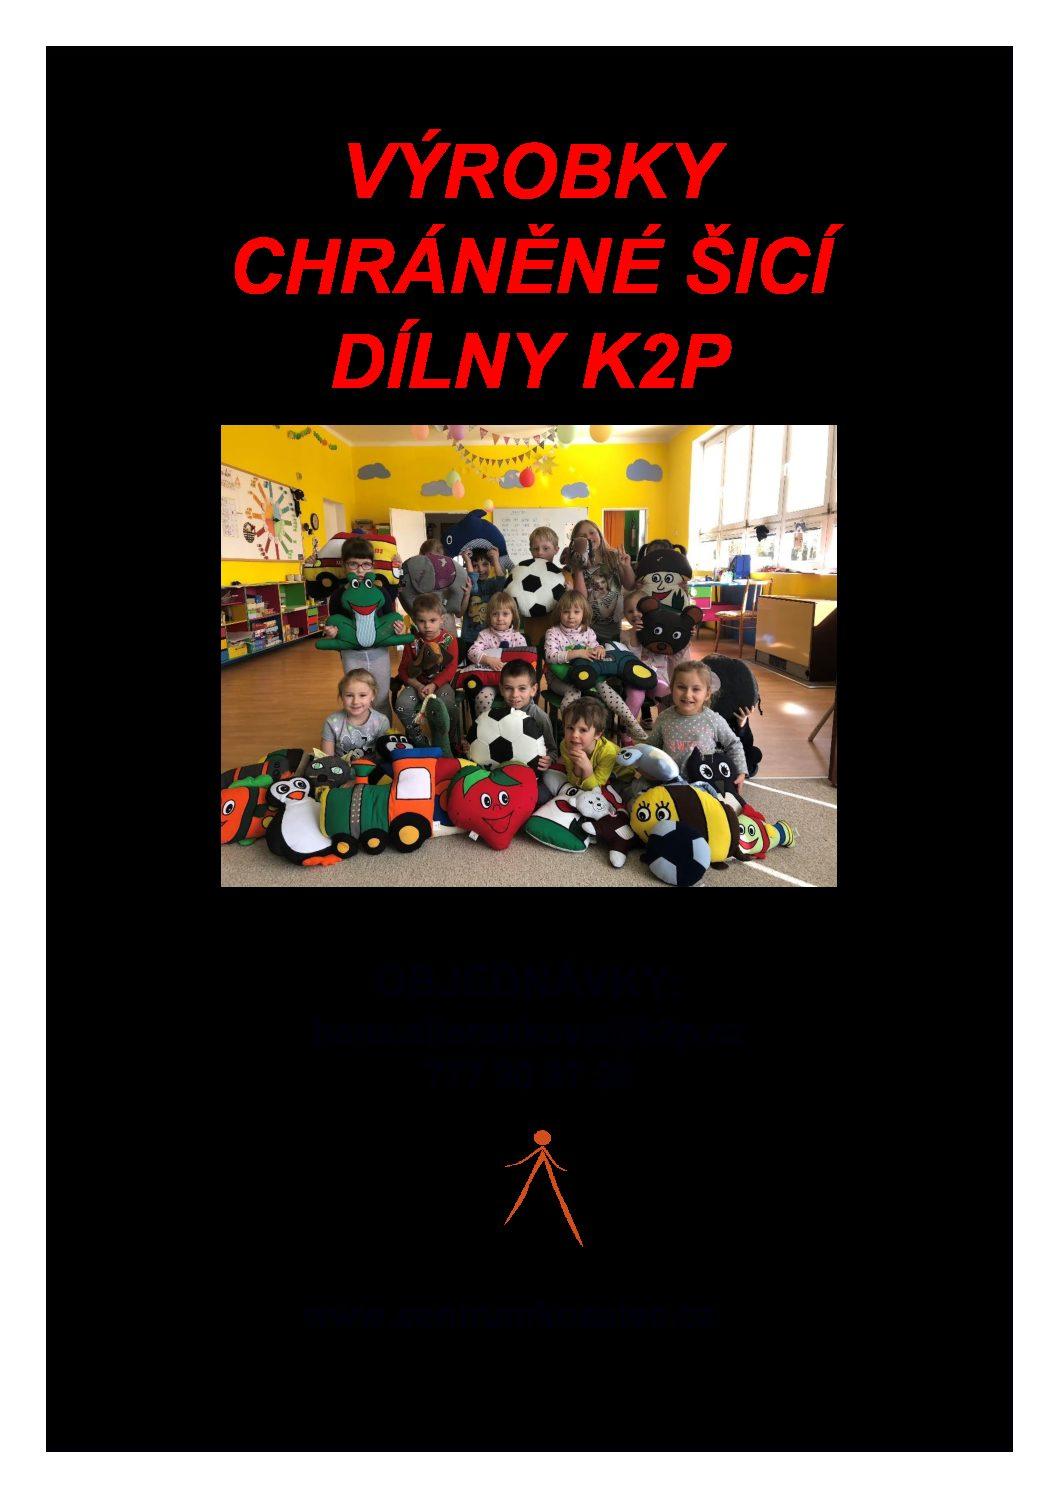 Katalog K2P 2019